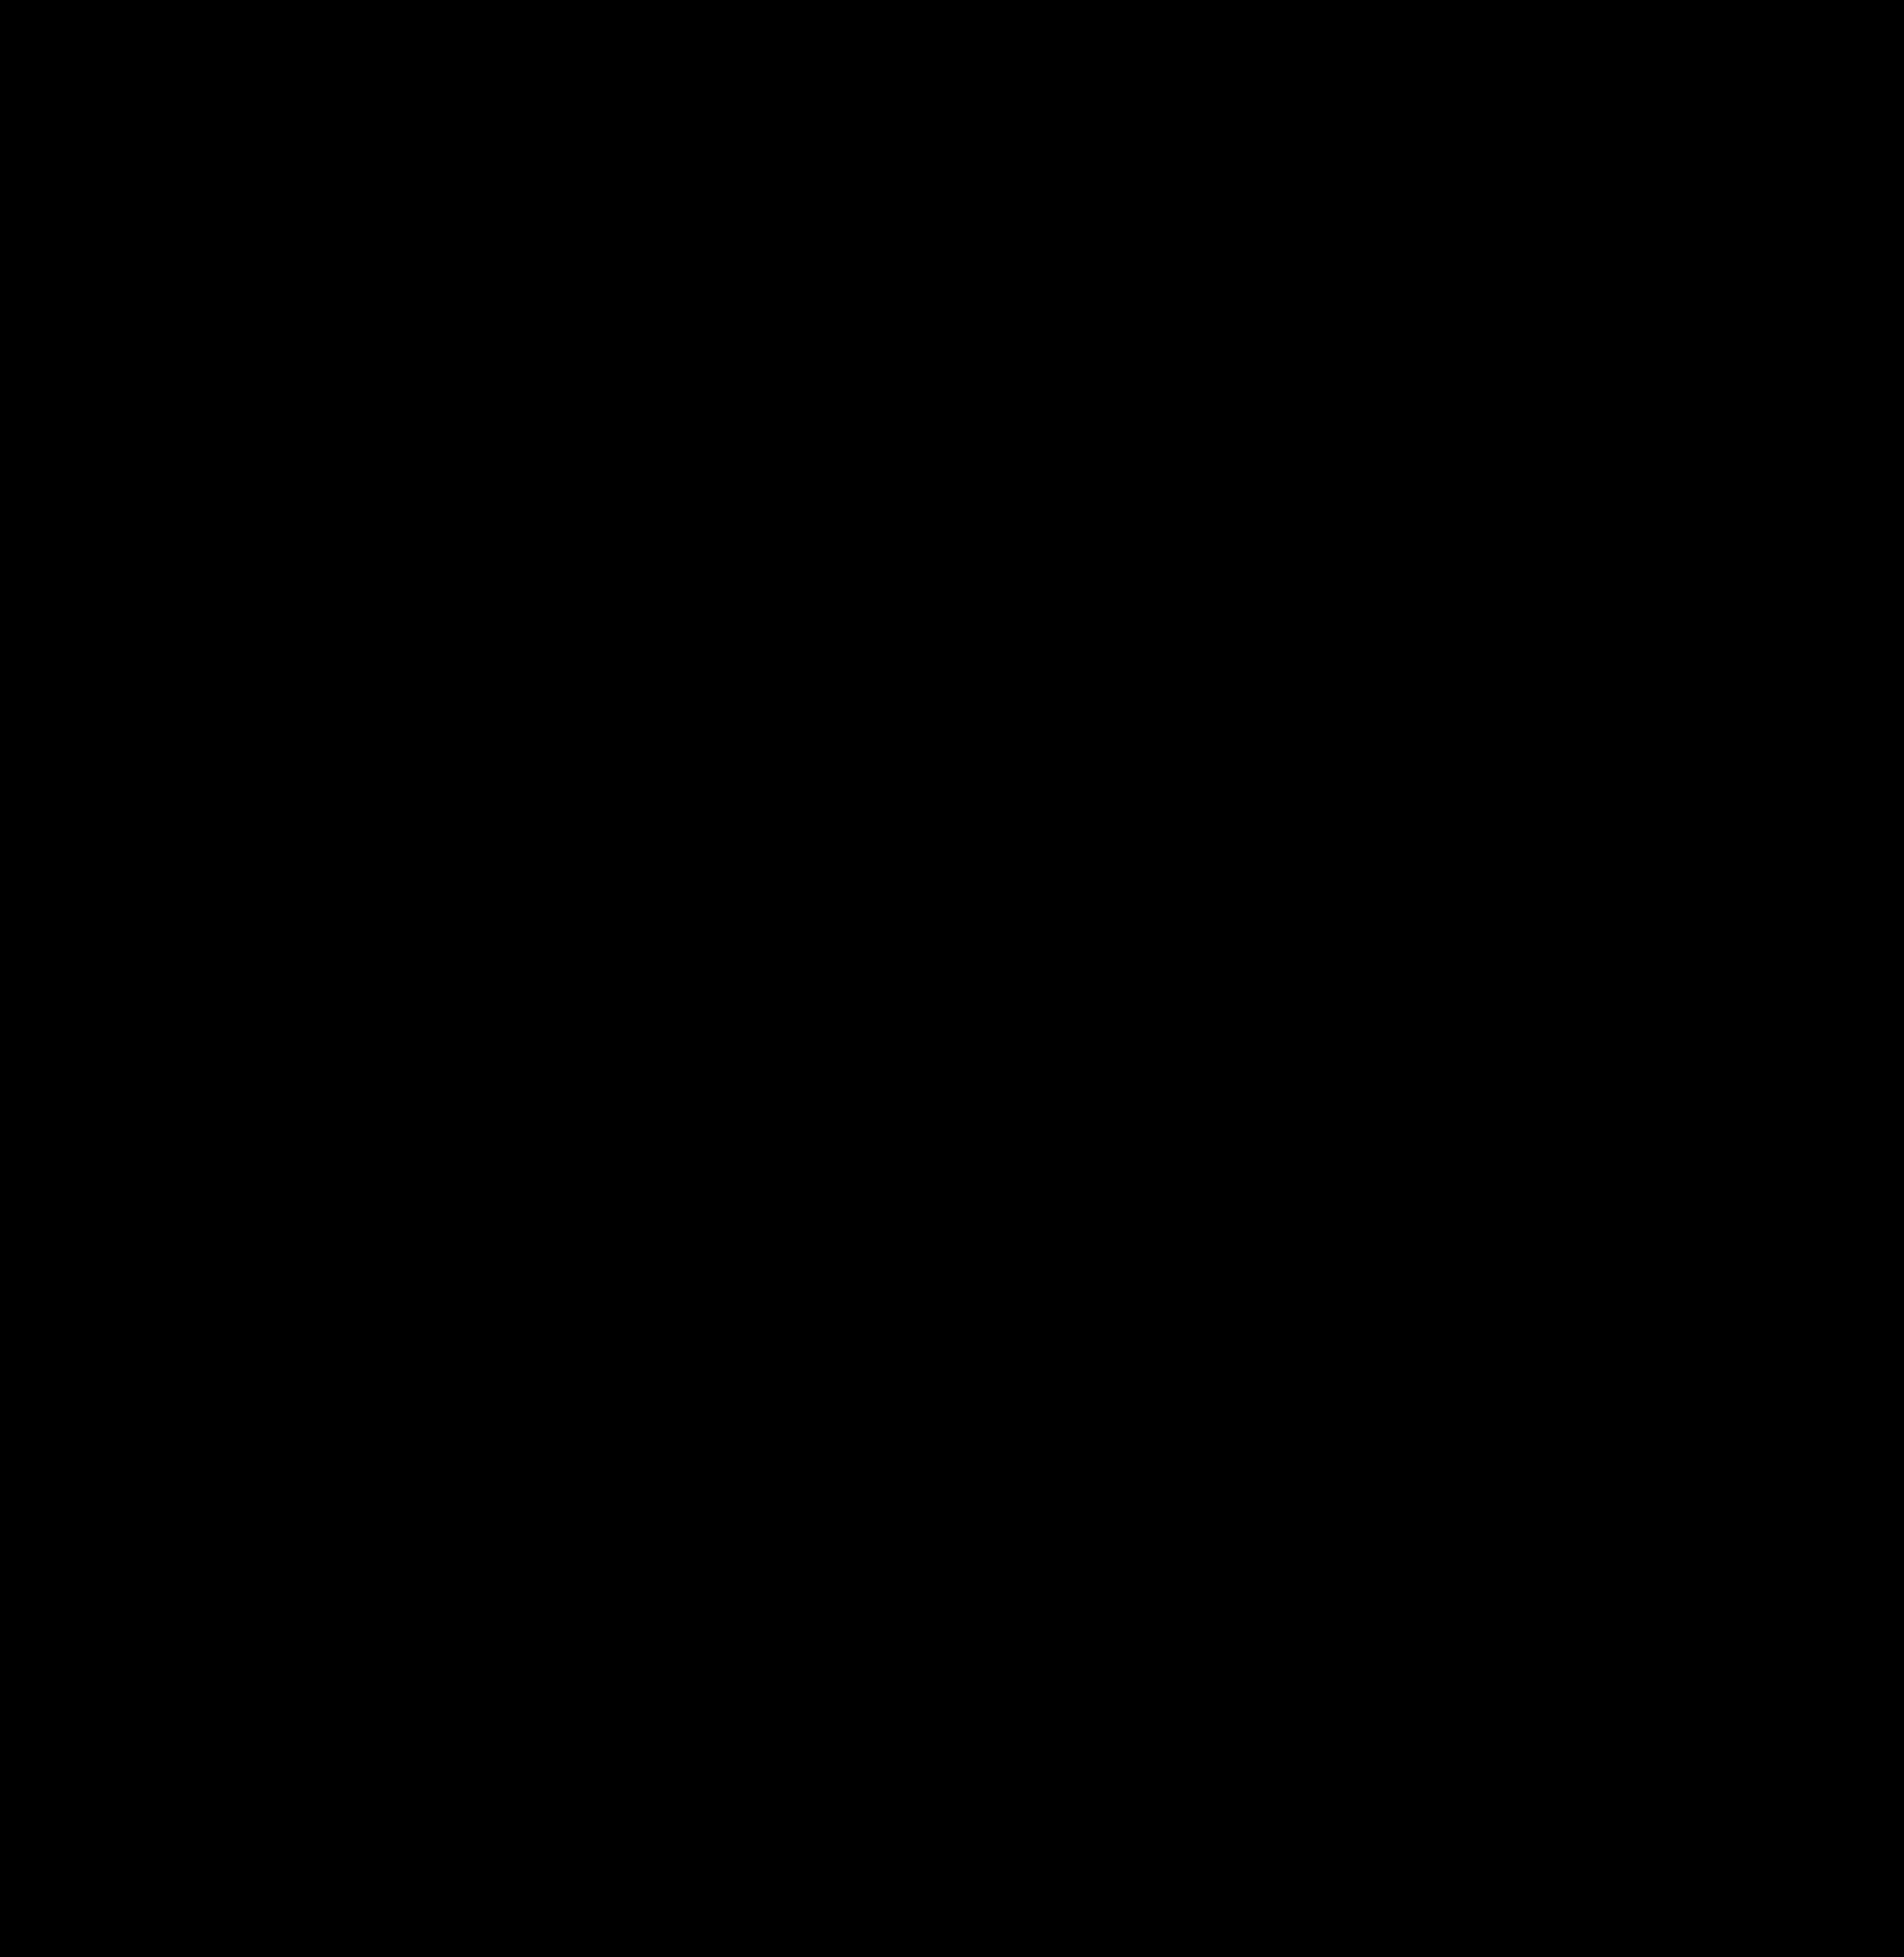 cosmos-ig-03